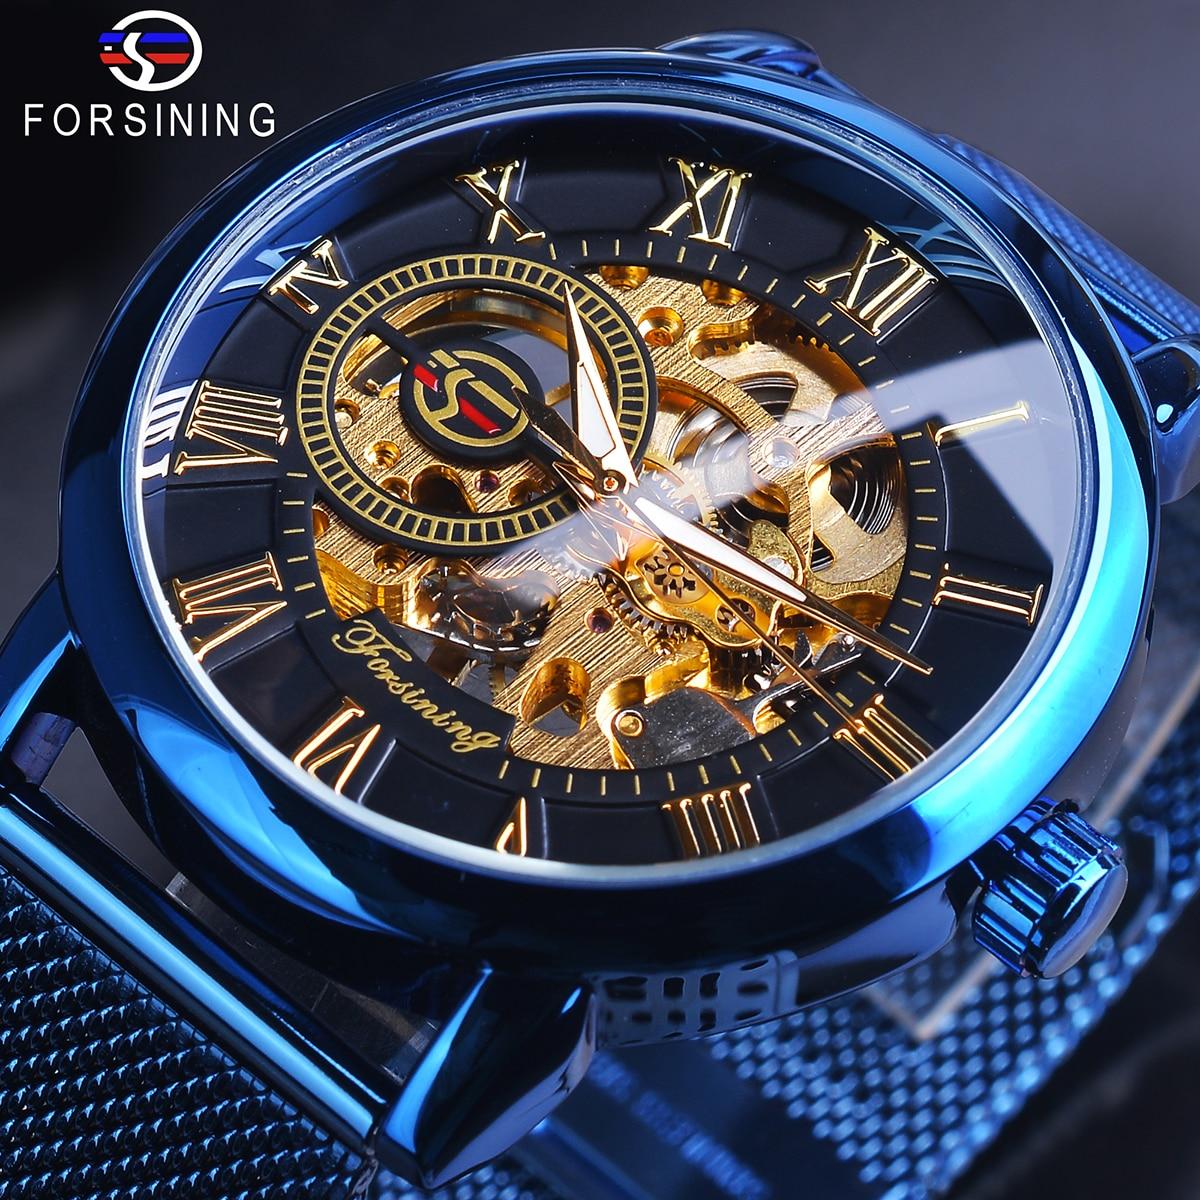 Forsining esqueleto 3d real retro design preto ouro dial relógio mecânico azul malha banda de aço inoxidável relógio de pulso luminoso